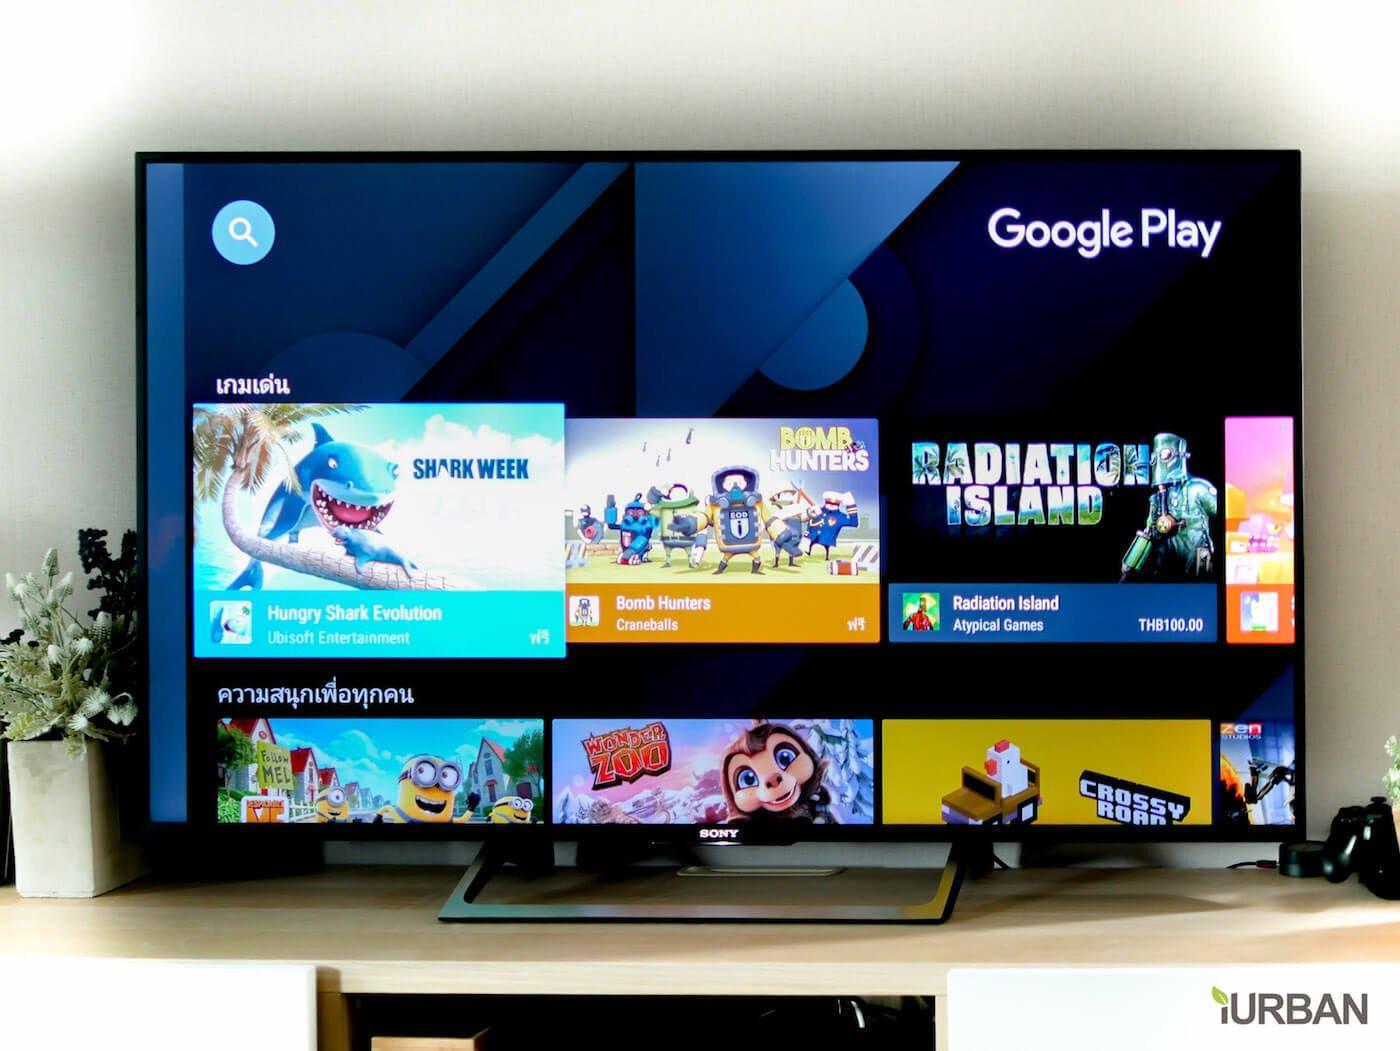 SONY X8500E 4K-HDR Android TV นวัตกรรมที่จะเปลี่ยนชีวิตกับทีวี ให้ไม่เหมือนเดิมอีกต่อไป 18 - Android